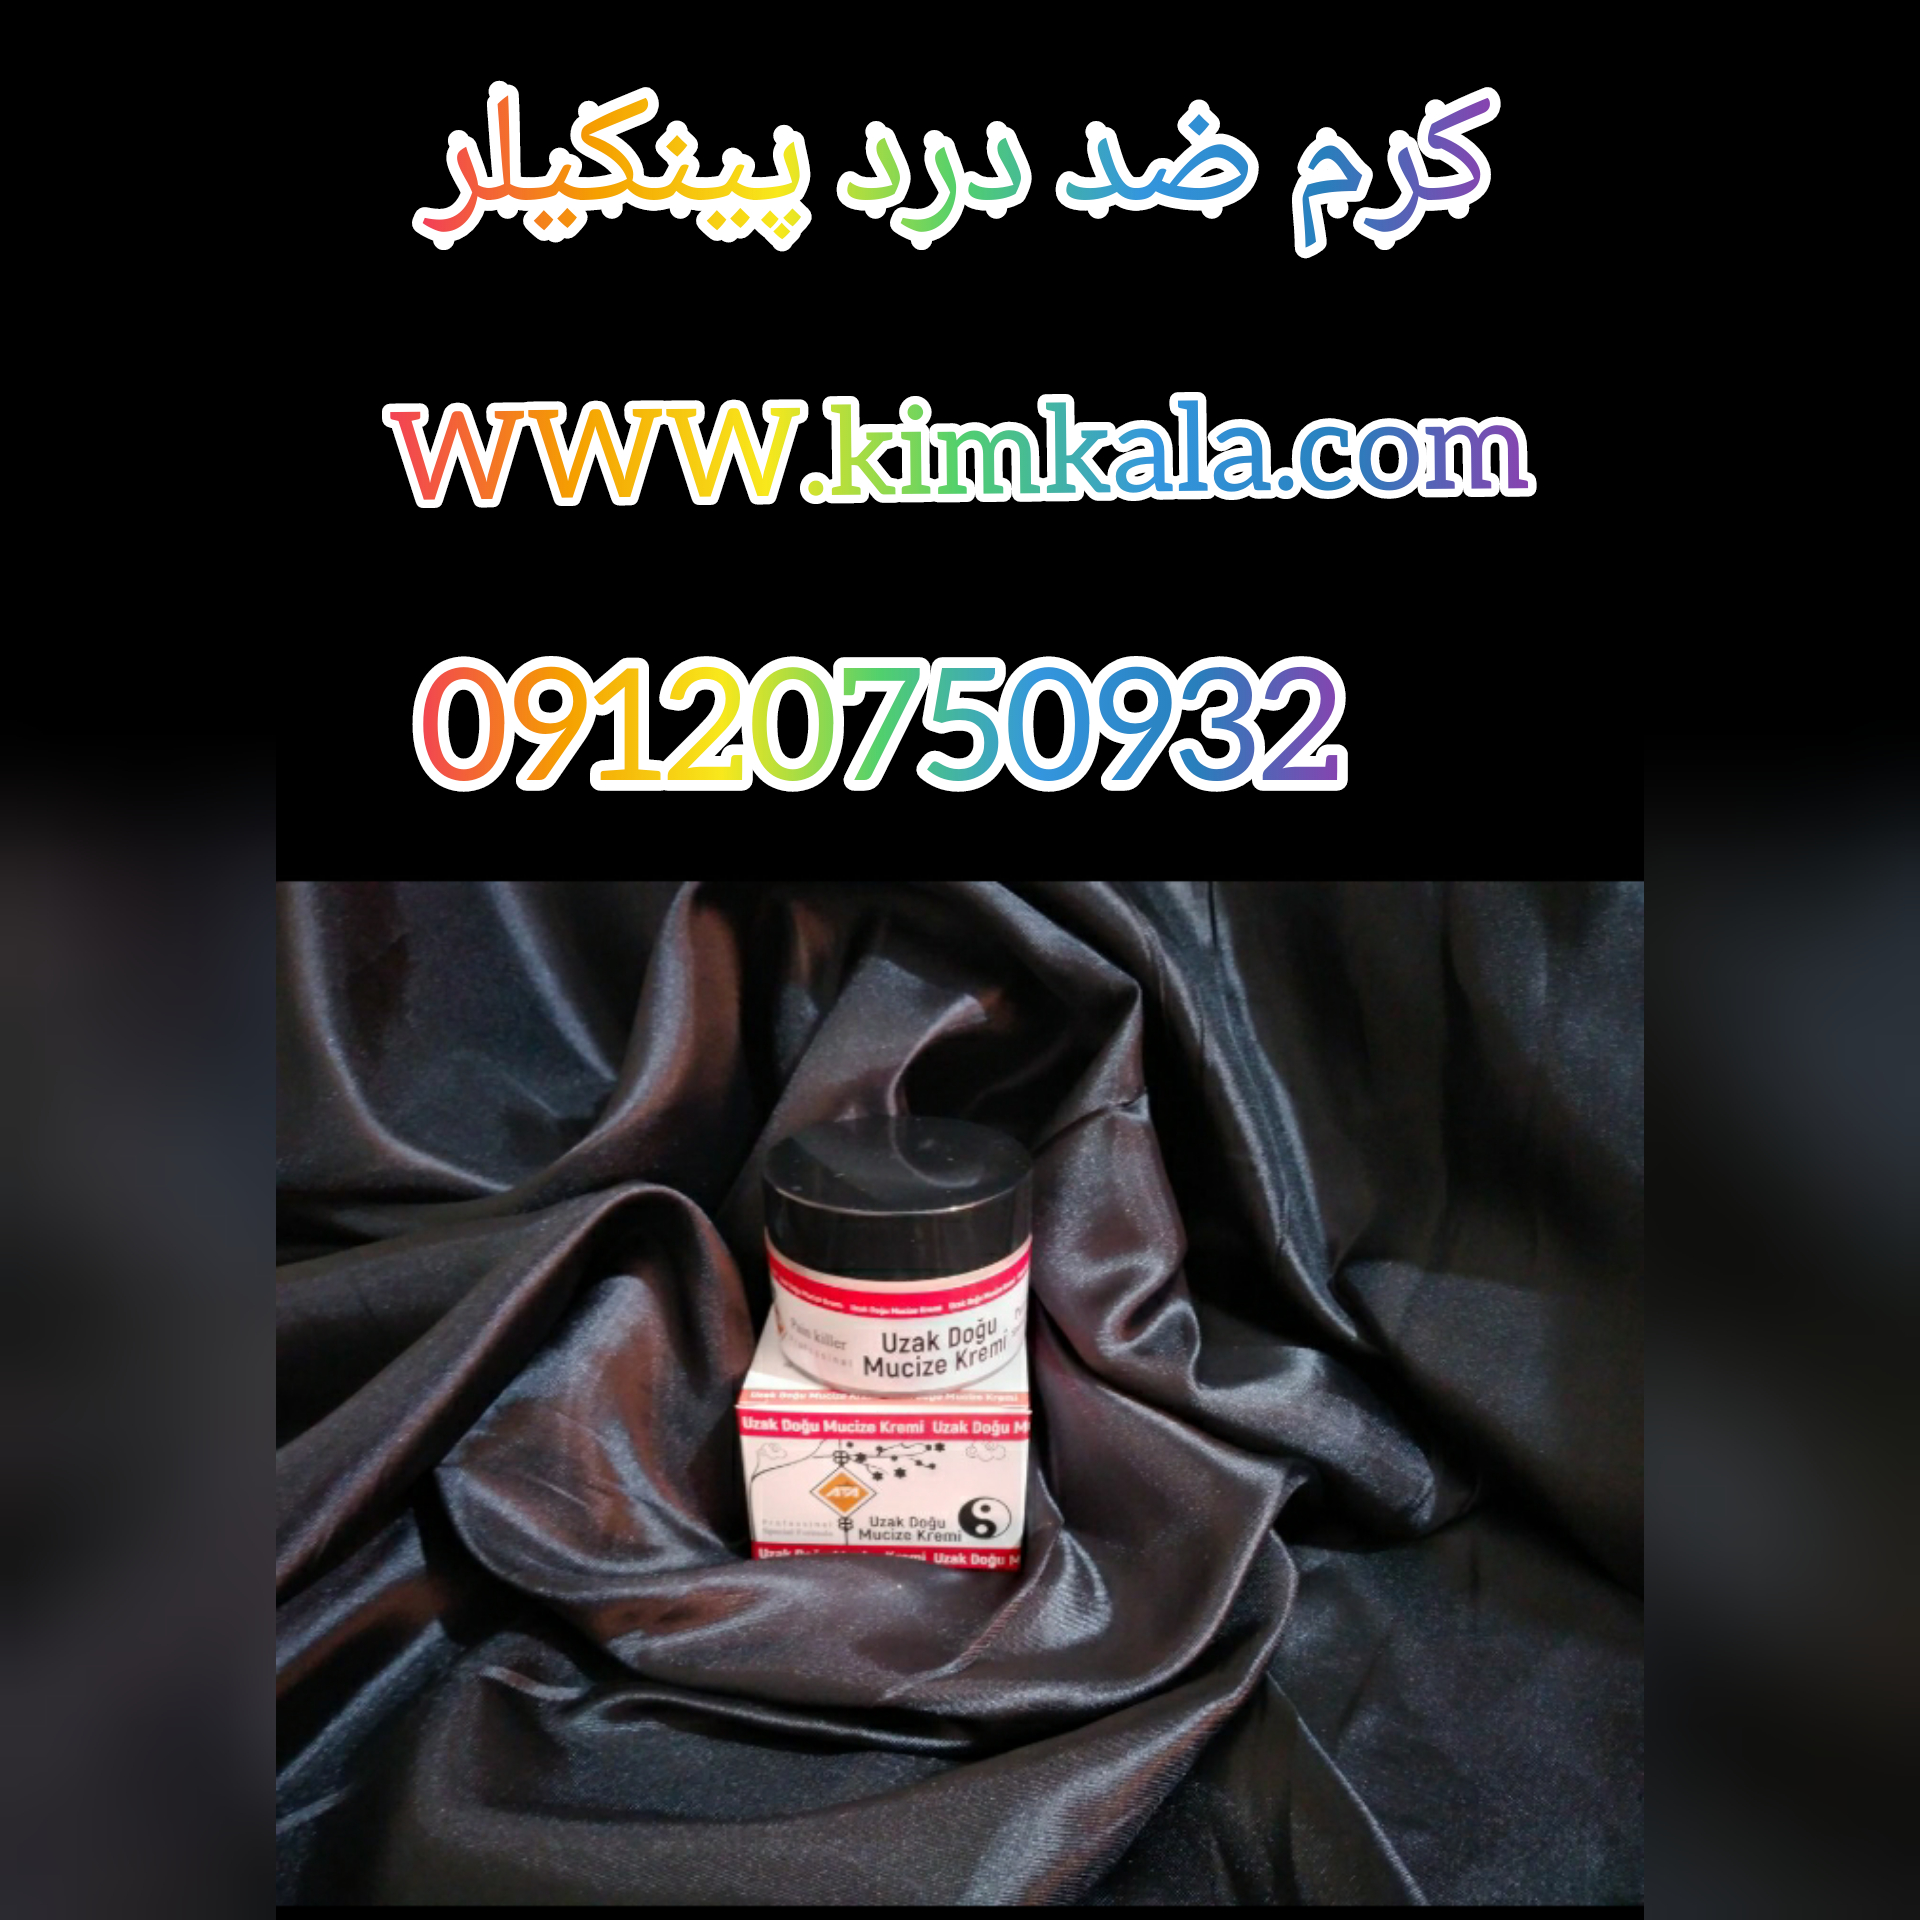 پماد ضد درد پین کیلر/09120750932/بهترین کرم ضد درد